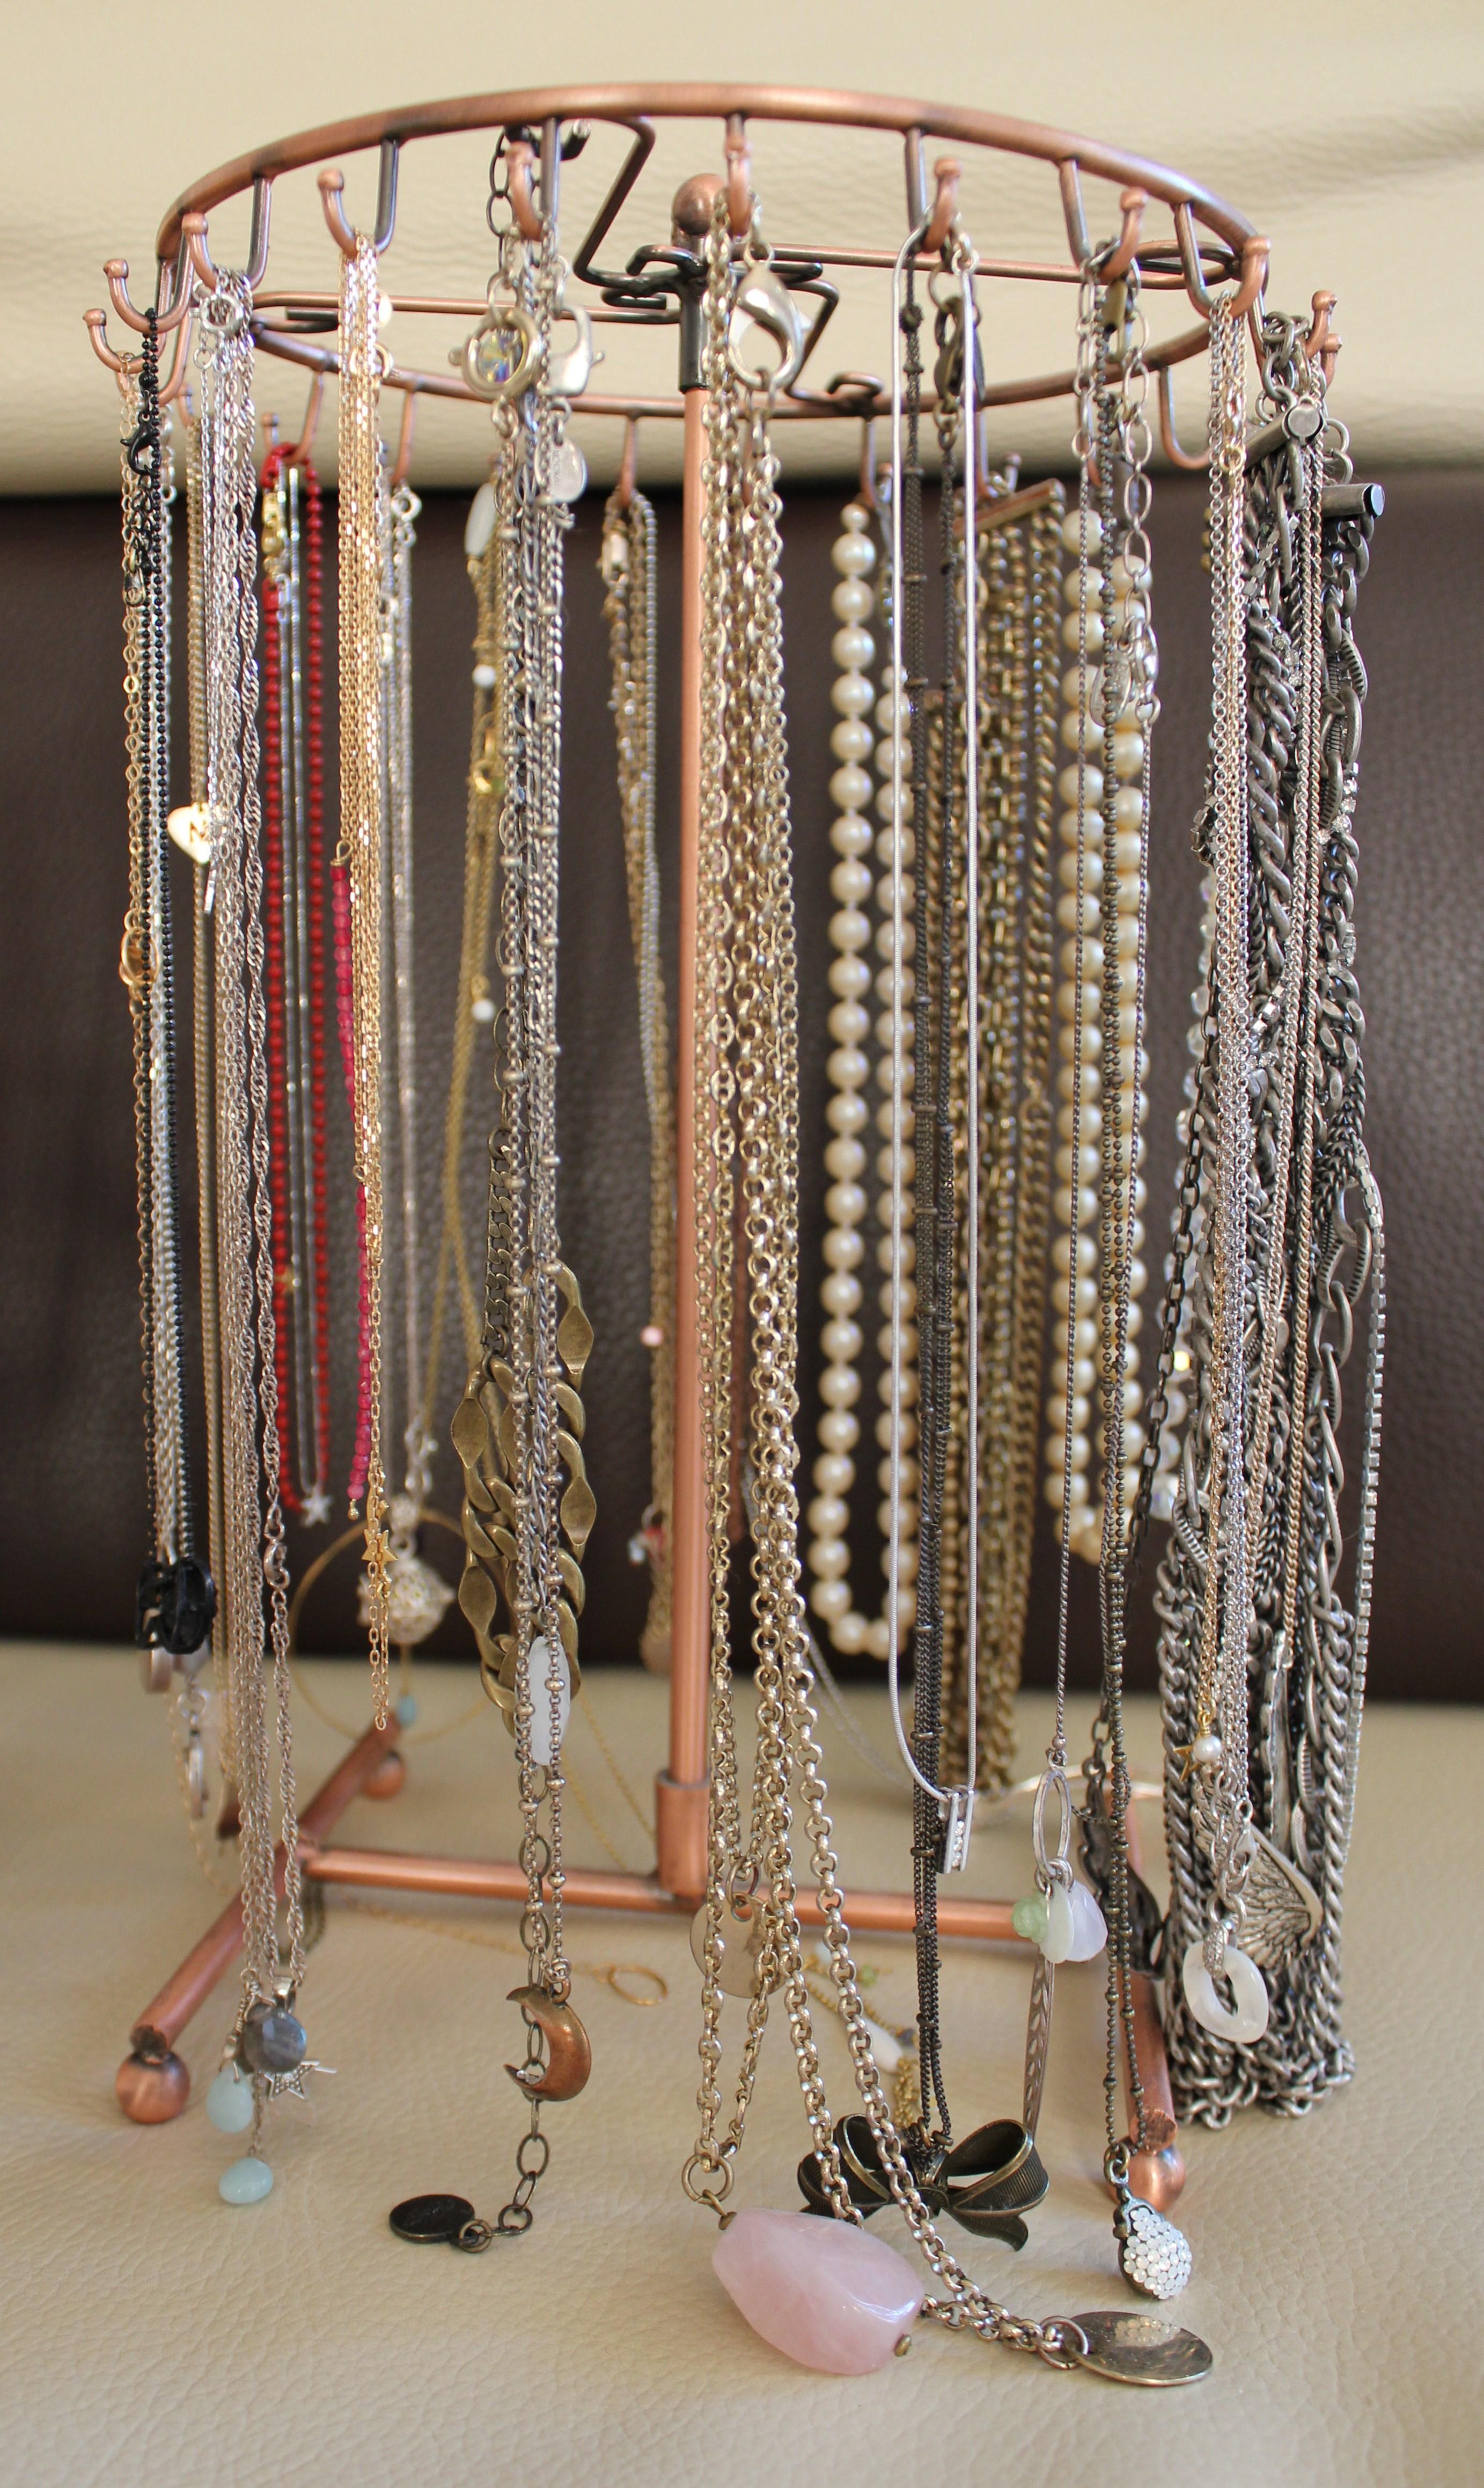 Les bijoux une parenth se mode - Porte bijoux mural a faire soi meme ...